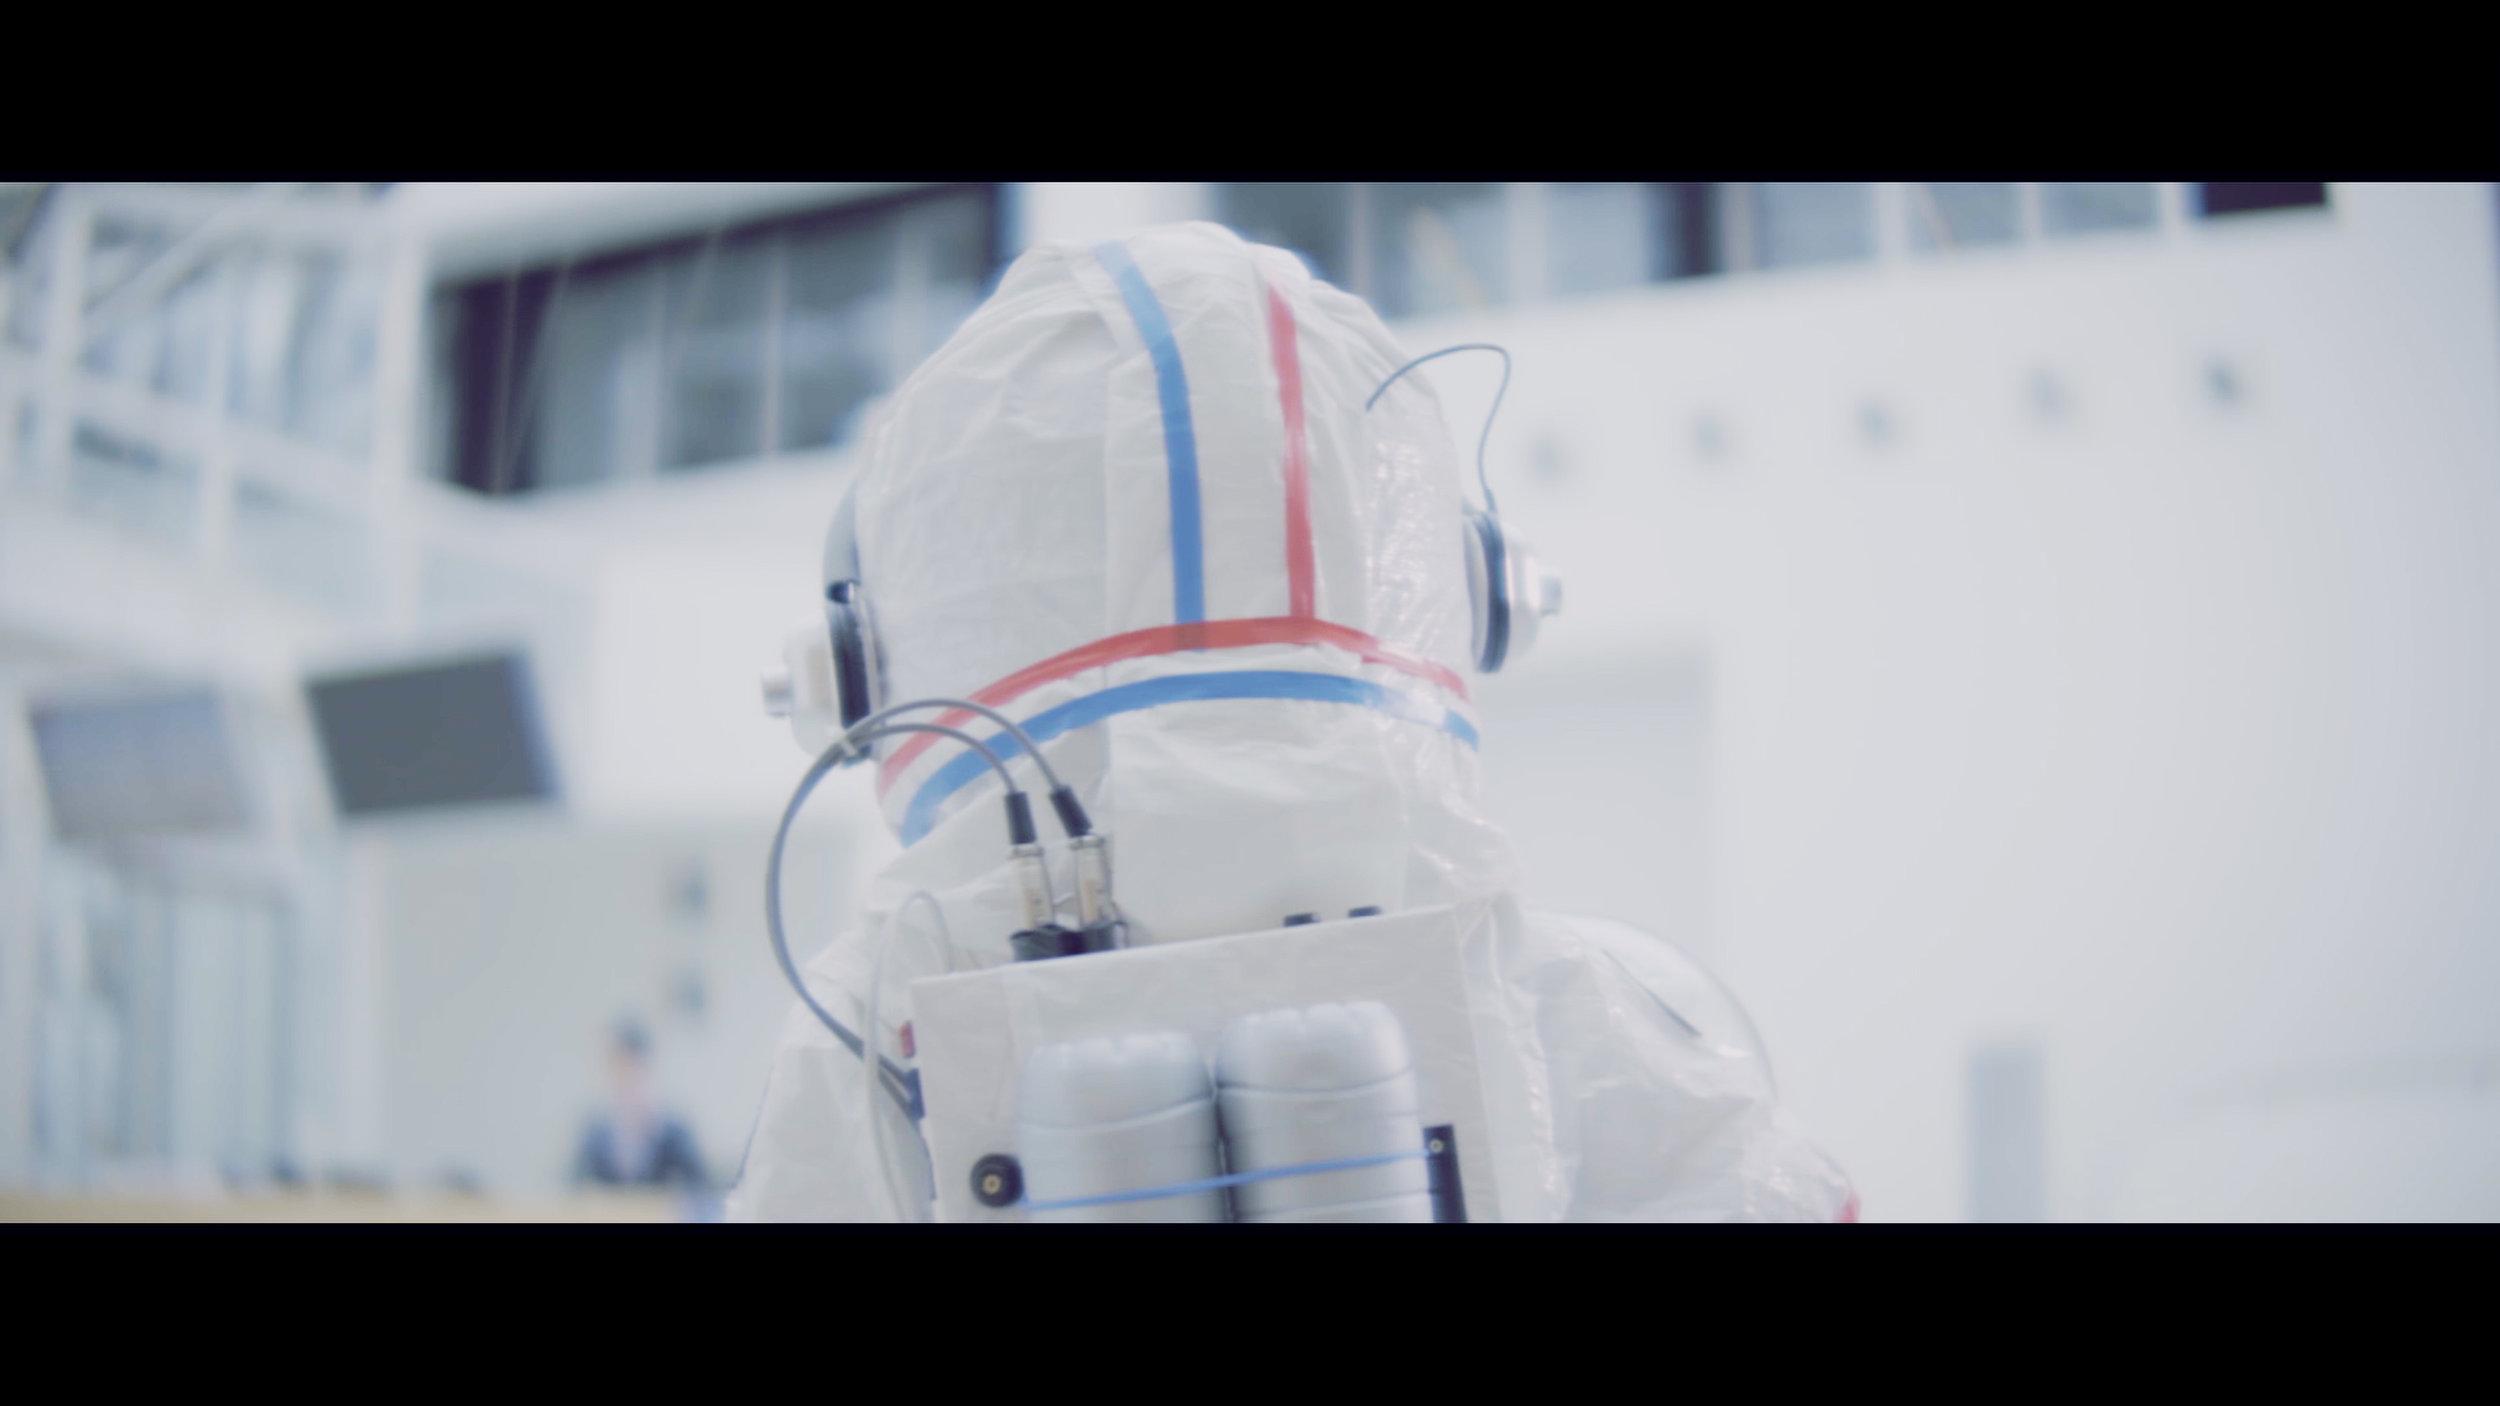 BOP_DMT_Still_Astronaut.jpg